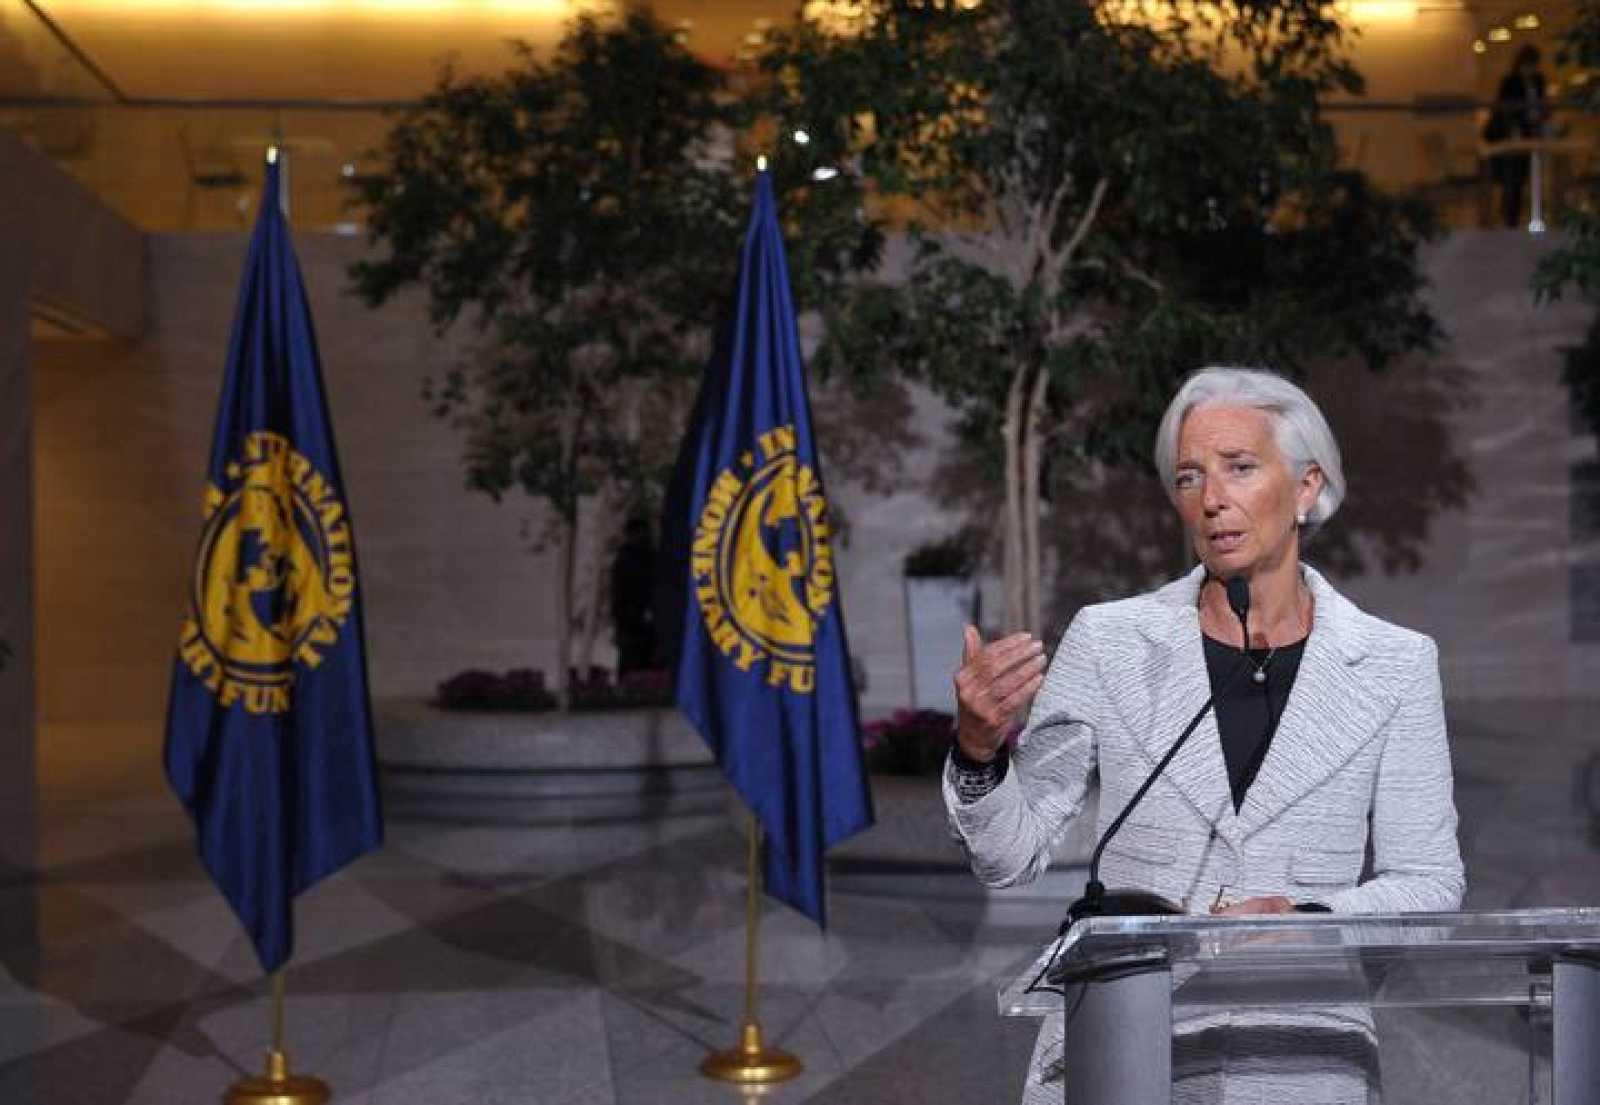 La presidenta del FMI, Christine Lagarde, en rueda de prensa después de una reunión de la institución sobre Ucrania.